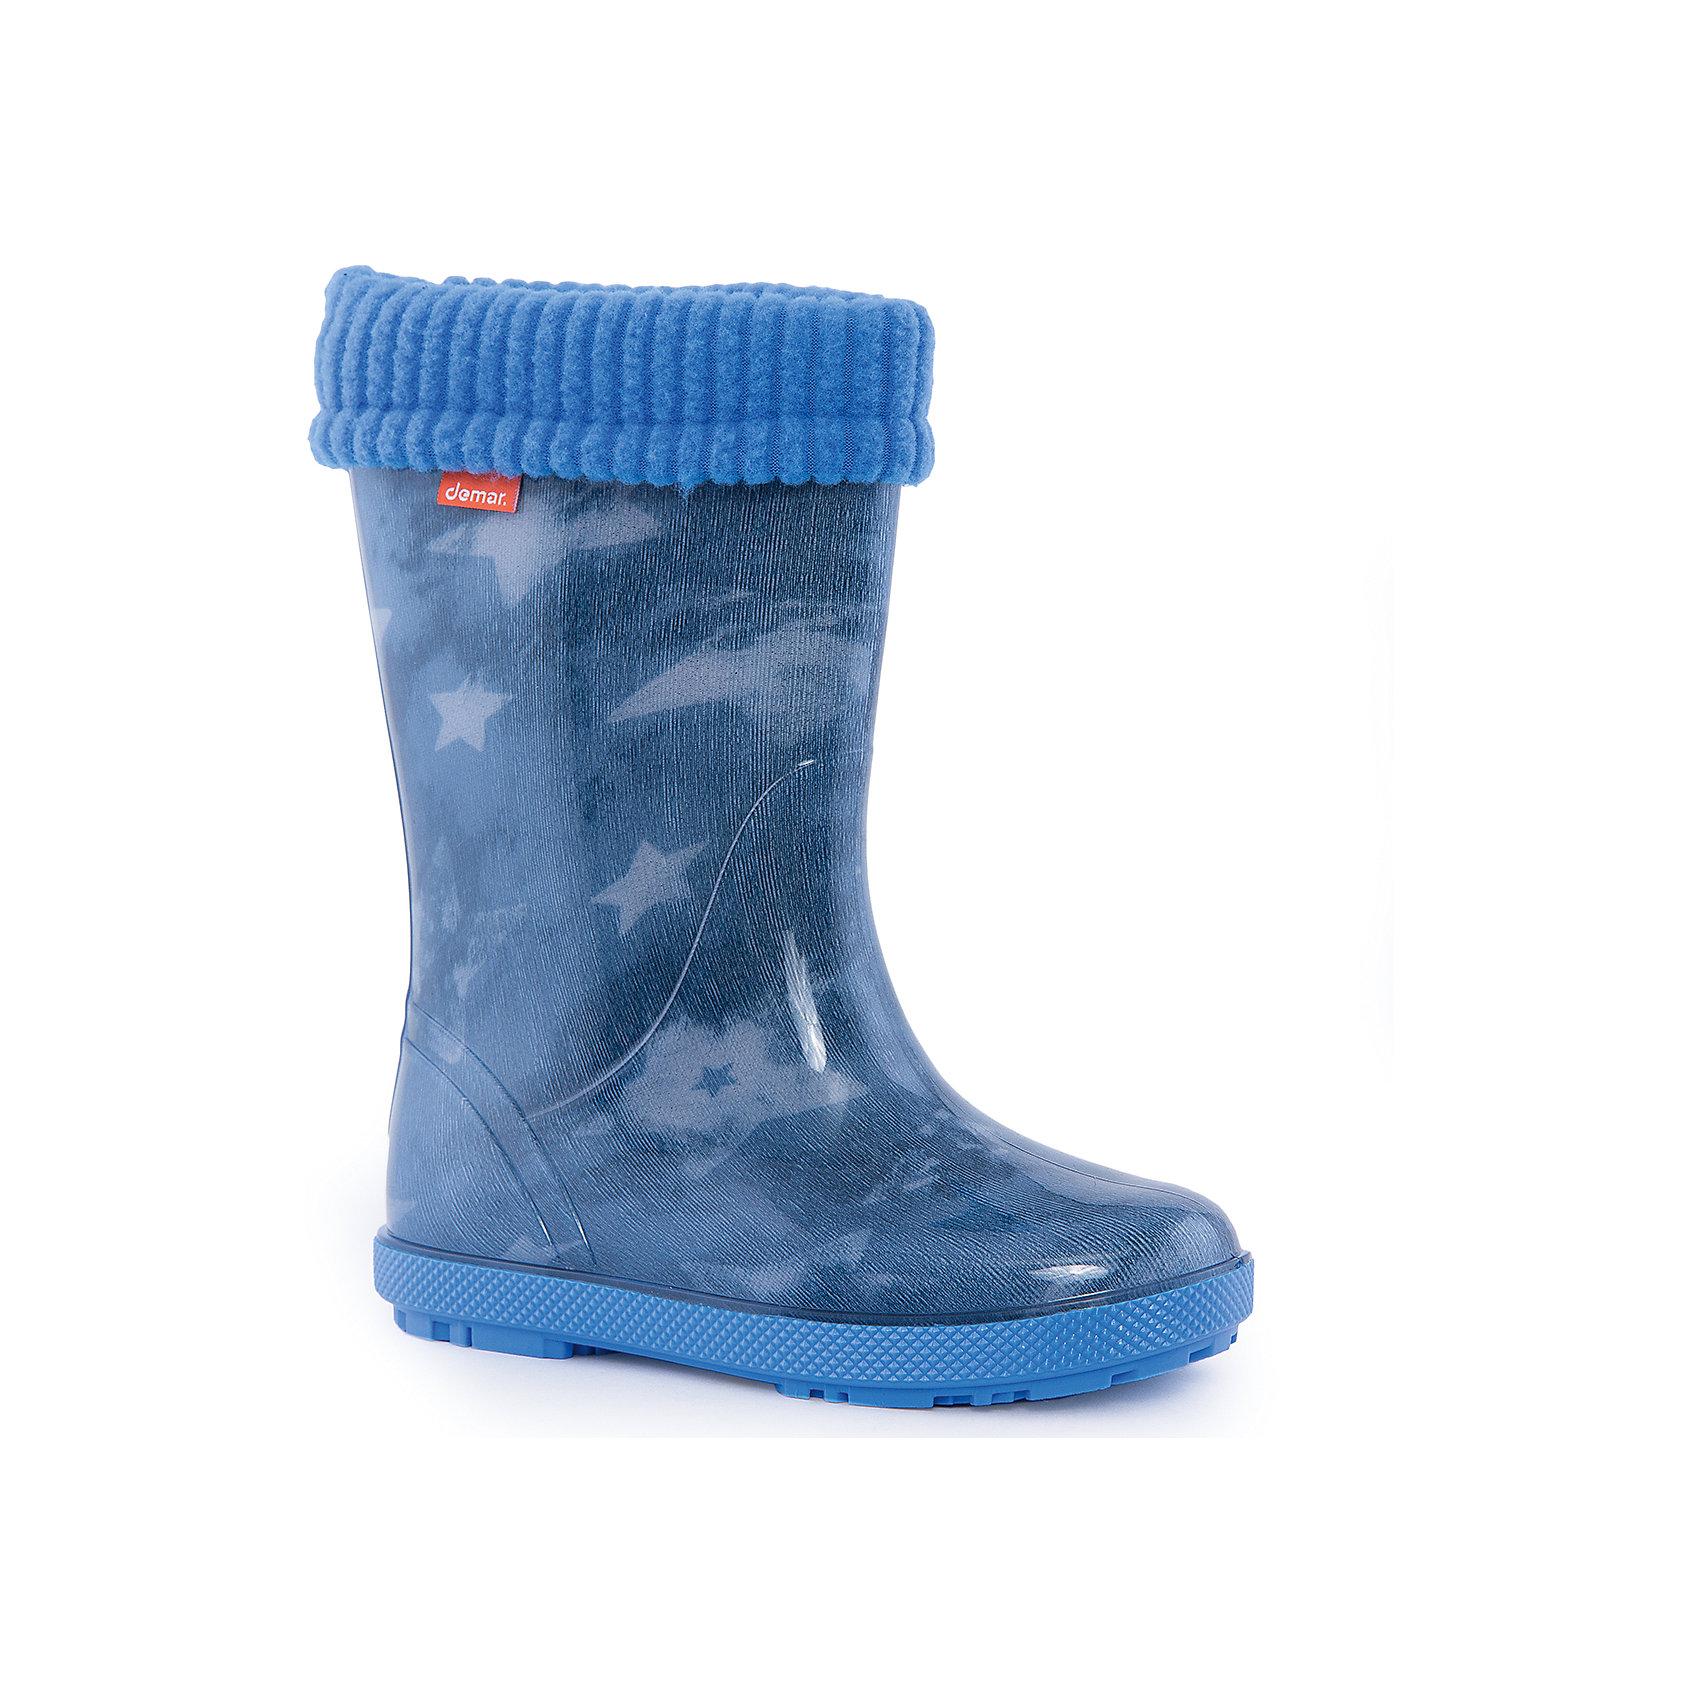 Резиновые сапоги Stormer Lux Print для мальчика DEMARОбувь для мальчиков<br>Характеристики товара:<br><br>• цвет: голубой<br>• материал верха: ПВХ<br>• материал подкладки: текстиль <br>• материал подошвы: ПВХ<br>• температурный режим: от 0° до +15° С<br>• верх не продувается<br>• съемный чулок<br>• стильный дизайн<br>• страна бренда: Польша<br>• страна изготовитель: Польша<br><br>Осенью и весной ребенку не обойтись без непромокаемых сапожек! Чтобы не пропустить главные удовольствия межсезонья, нужно запастись удобной обувью. Такие сапожки обеспечат ребенку необходимый для активного отдыха комфорт, а подкладка из текстиля позволит ножкам оставаться теплыми. Сапожки легко надеваются и снимаются, отлично сидят на ноге. Они удивительно легкие!<br>Обувь от польского бренда Demar - это качественные товары, созданные с применением новейших технологий и с использованием как натуральных, так и высокотехнологичных материалов. Обувь отличается стильным дизайном и продуманной конструкцией. Изделие производится из качественных и проверенных материалов, которые безопасны для детей.<br><br>Сапожки от бренда Demar (Демар) можно купить в нашем интернет-магазине.<br><br>Ширина мм: 257<br>Глубина мм: 180<br>Высота мм: 130<br>Вес г: 420<br>Цвет: синий<br>Возраст от месяцев: 84<br>Возраст до месяцев: 96<br>Пол: Мужской<br>Возраст: Детский<br>Размер: 30/31,32/33,28/29<br>SKU: 4916631